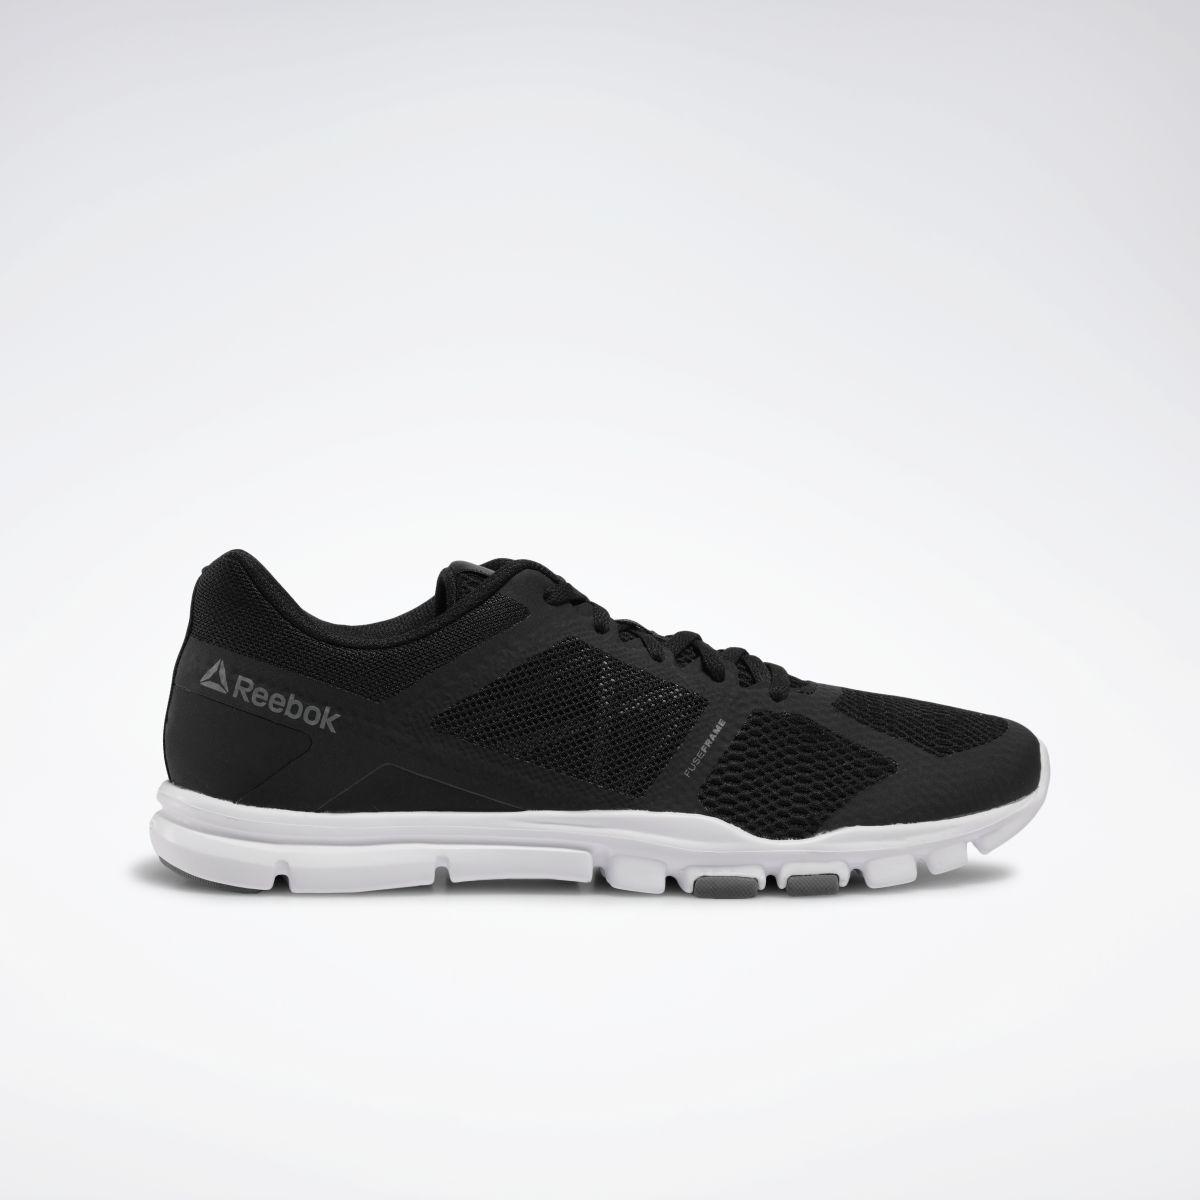 Reebok Yourflex Train 10 Cross Trainer Shoe